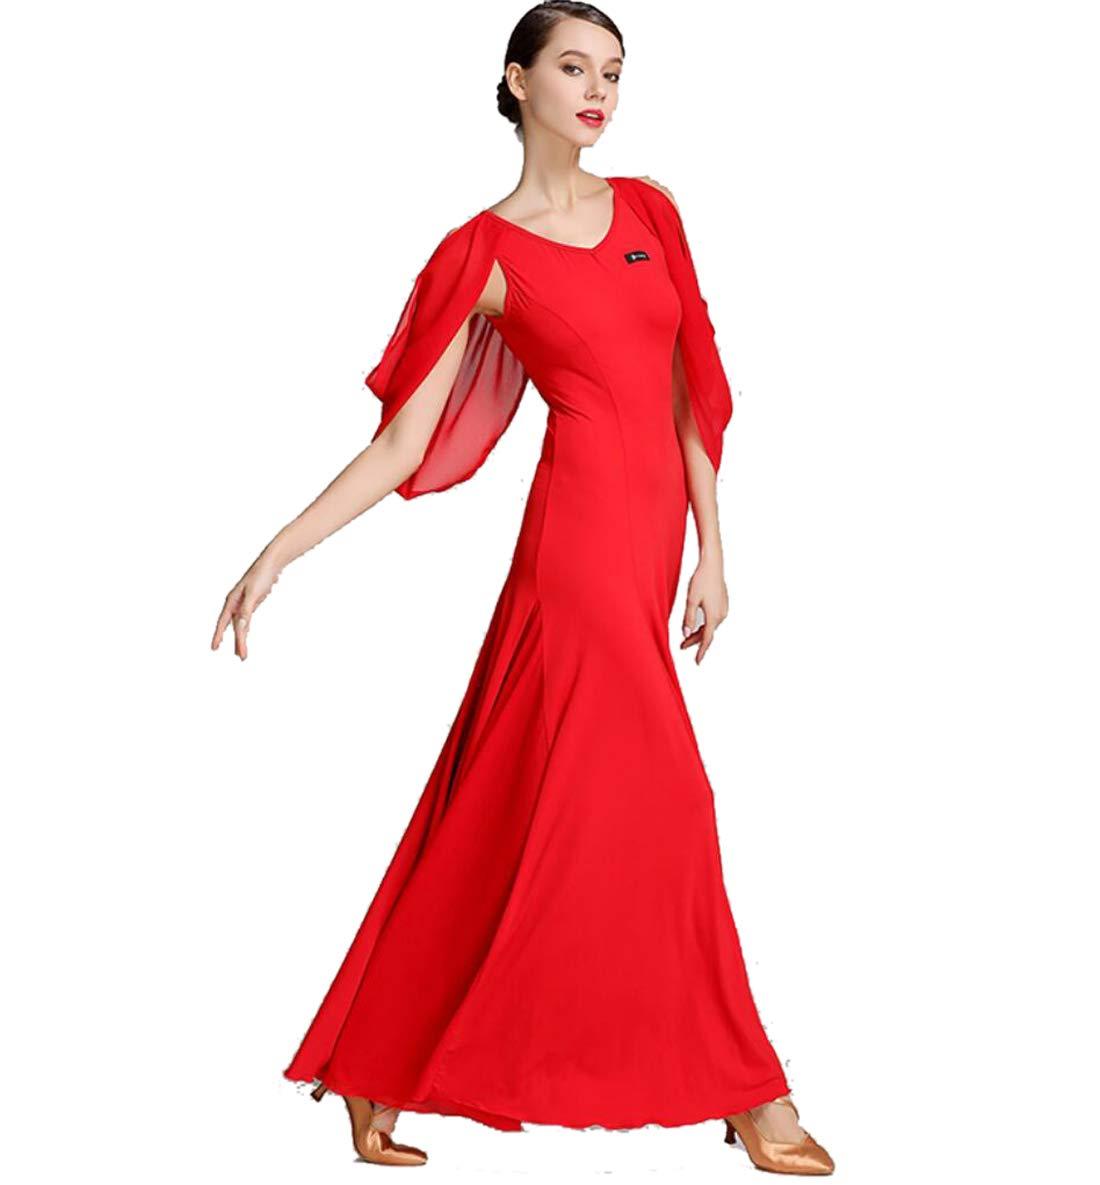 rouge XL SMACO Robe de Danse Moderne pour Femmes Costume de Danse Nationale Standard